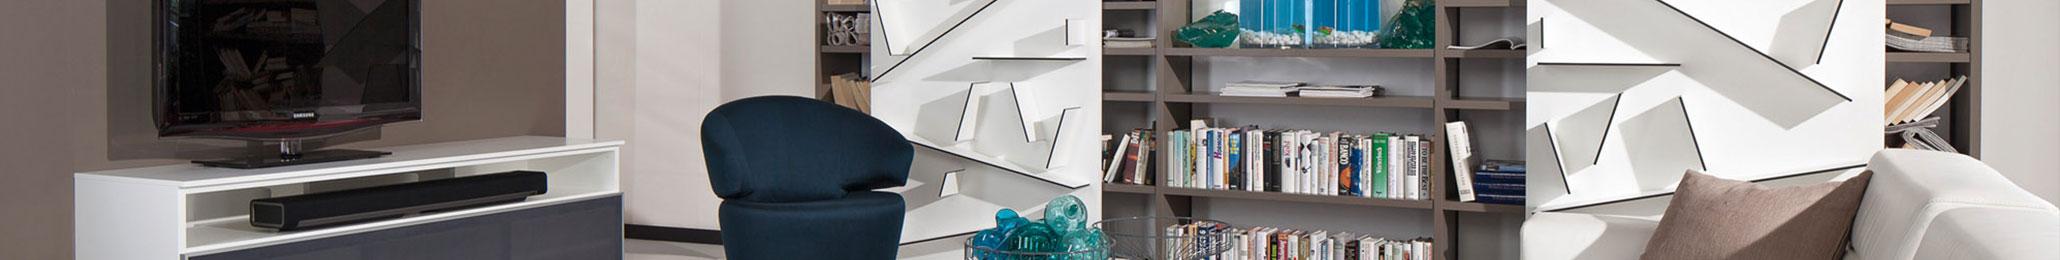 Paschen Bibliothek - Wohnwand Sofa und Couchtisch